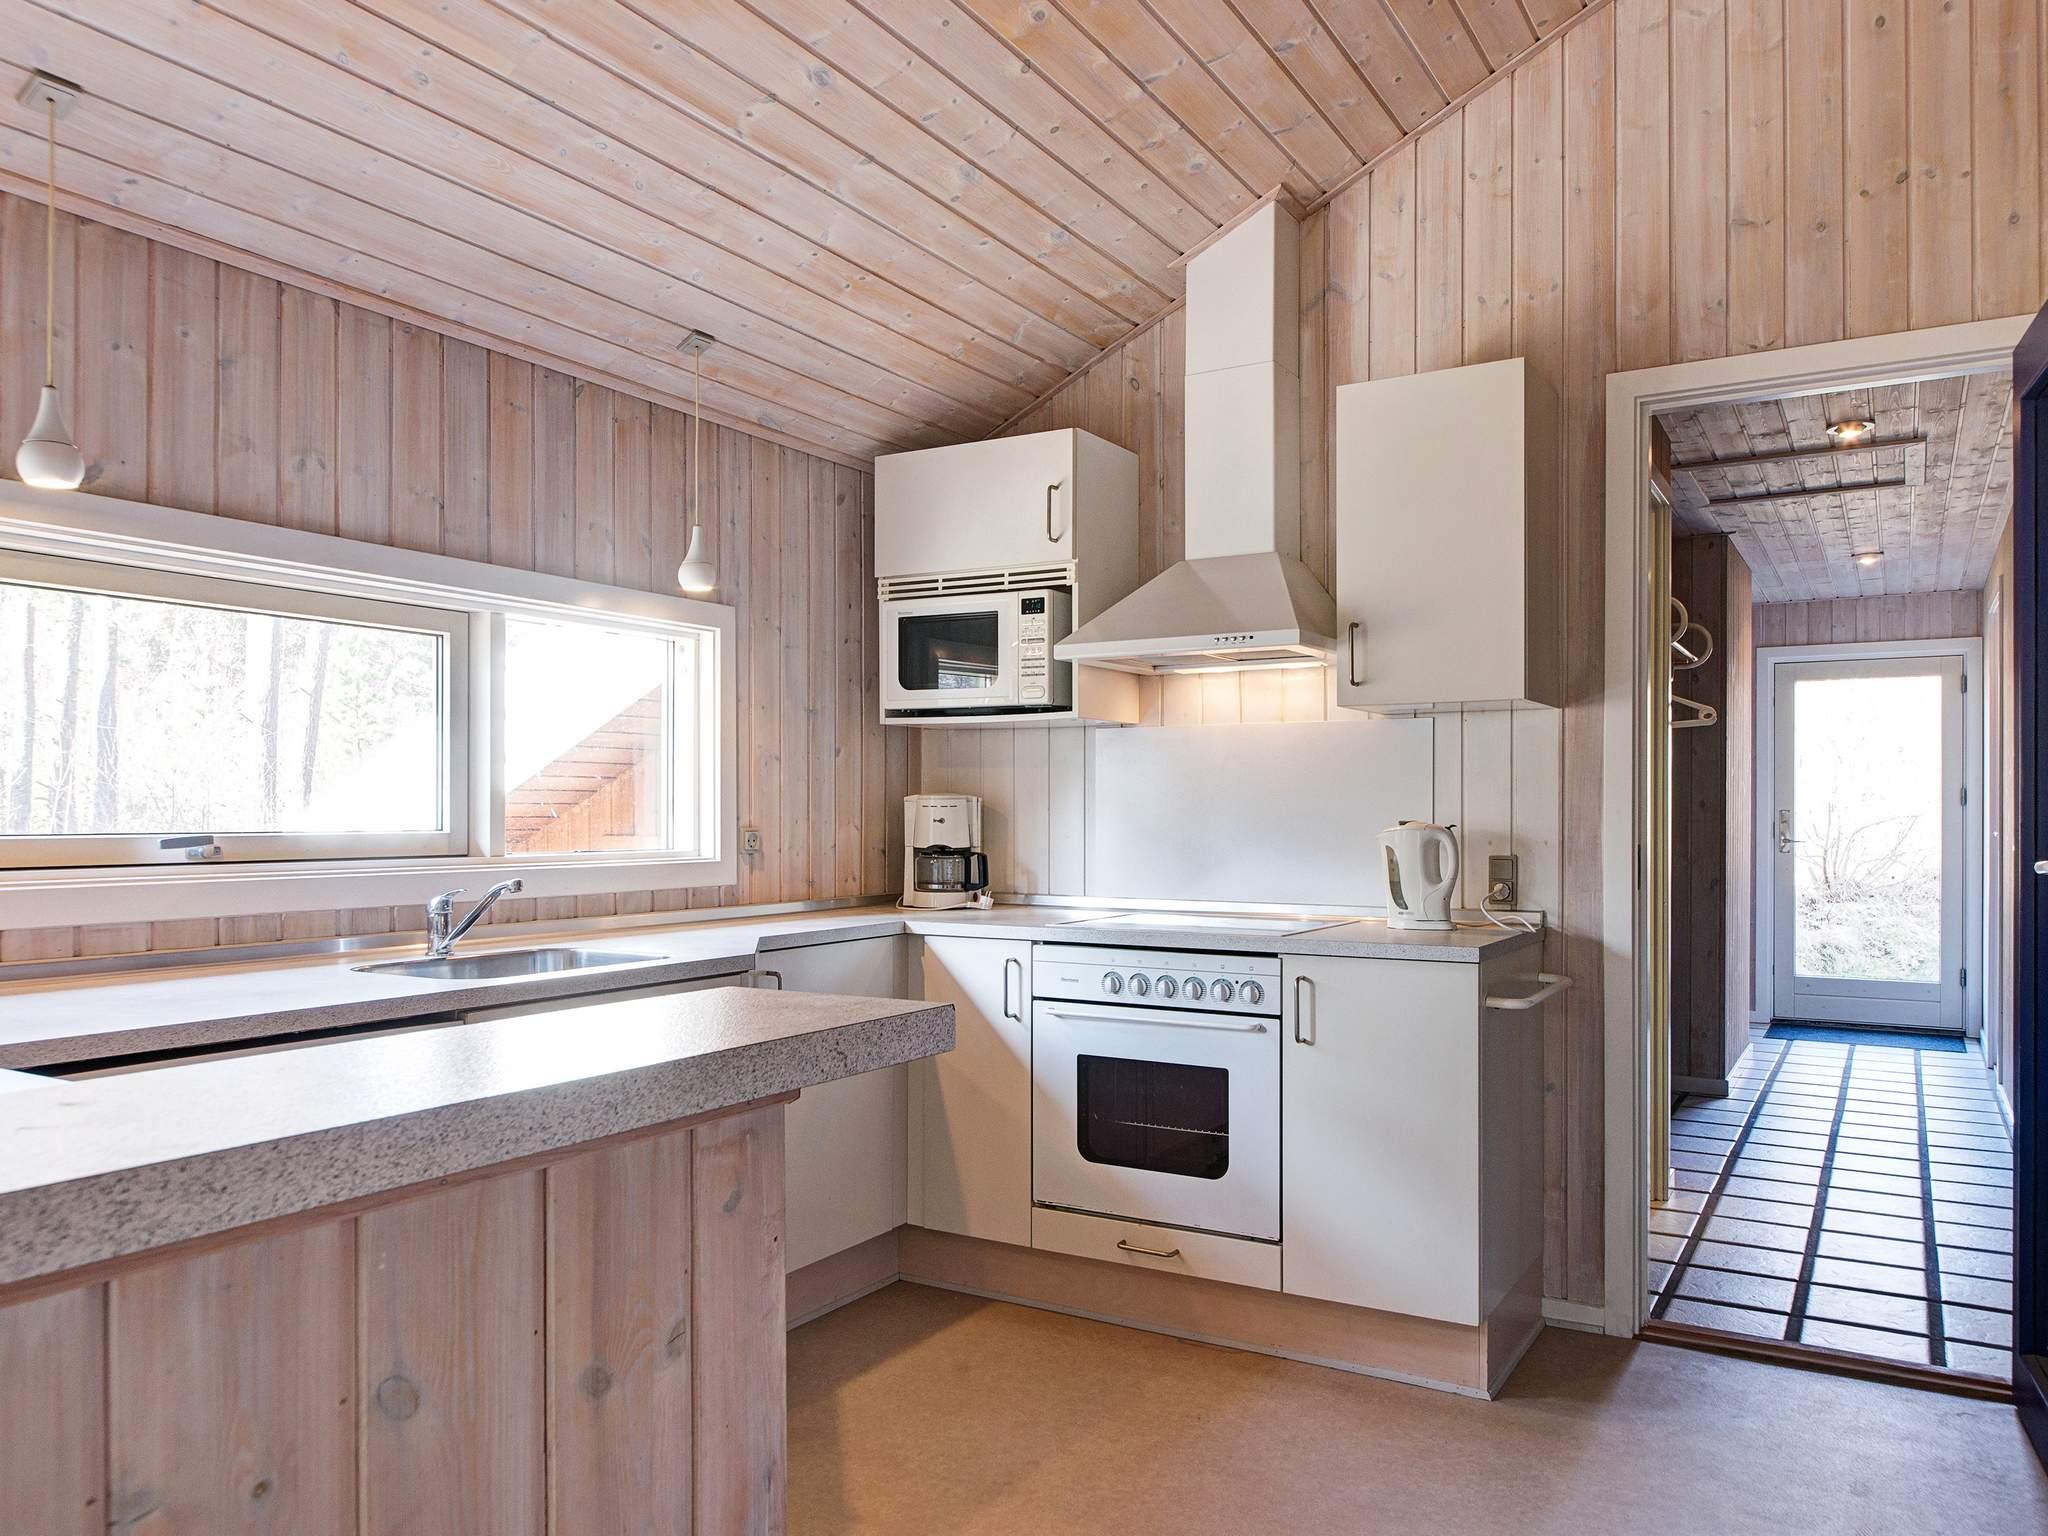 Ferienhaus Snogebæk (82567), Snogebæk, , Bornholm, Dänemark, Bild 7